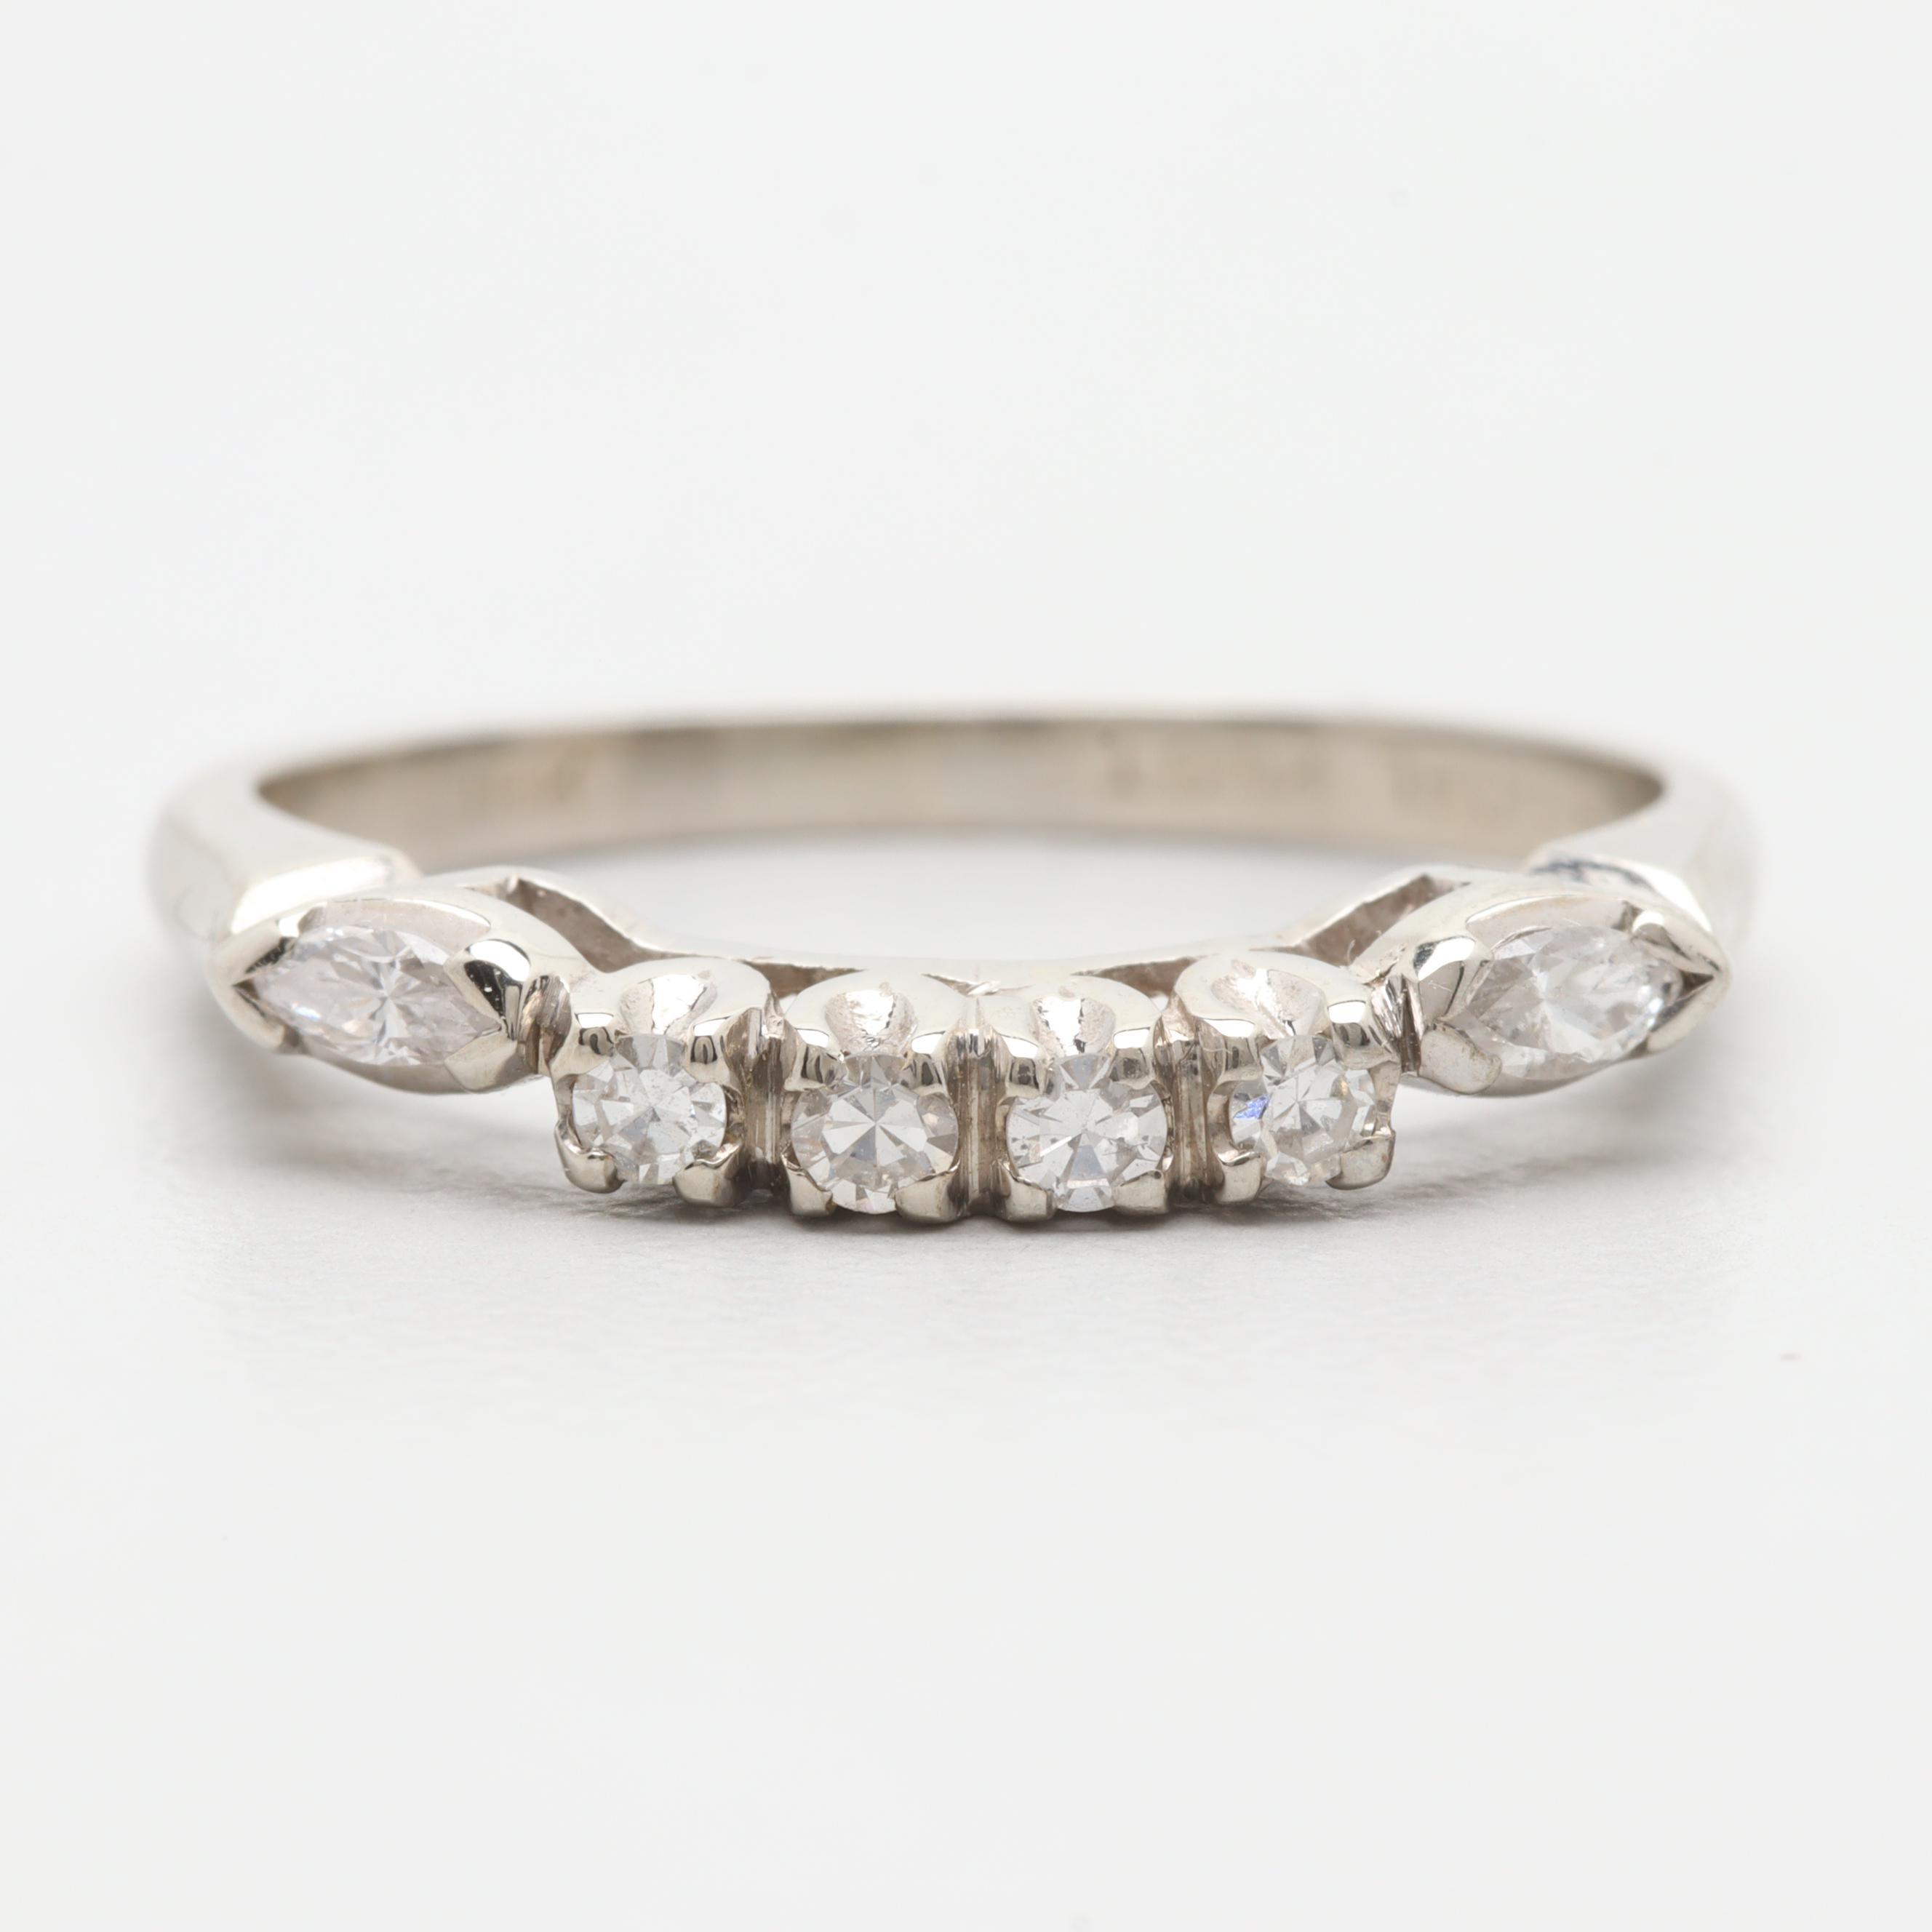 18K White Gold Diamond Enhancer Ring